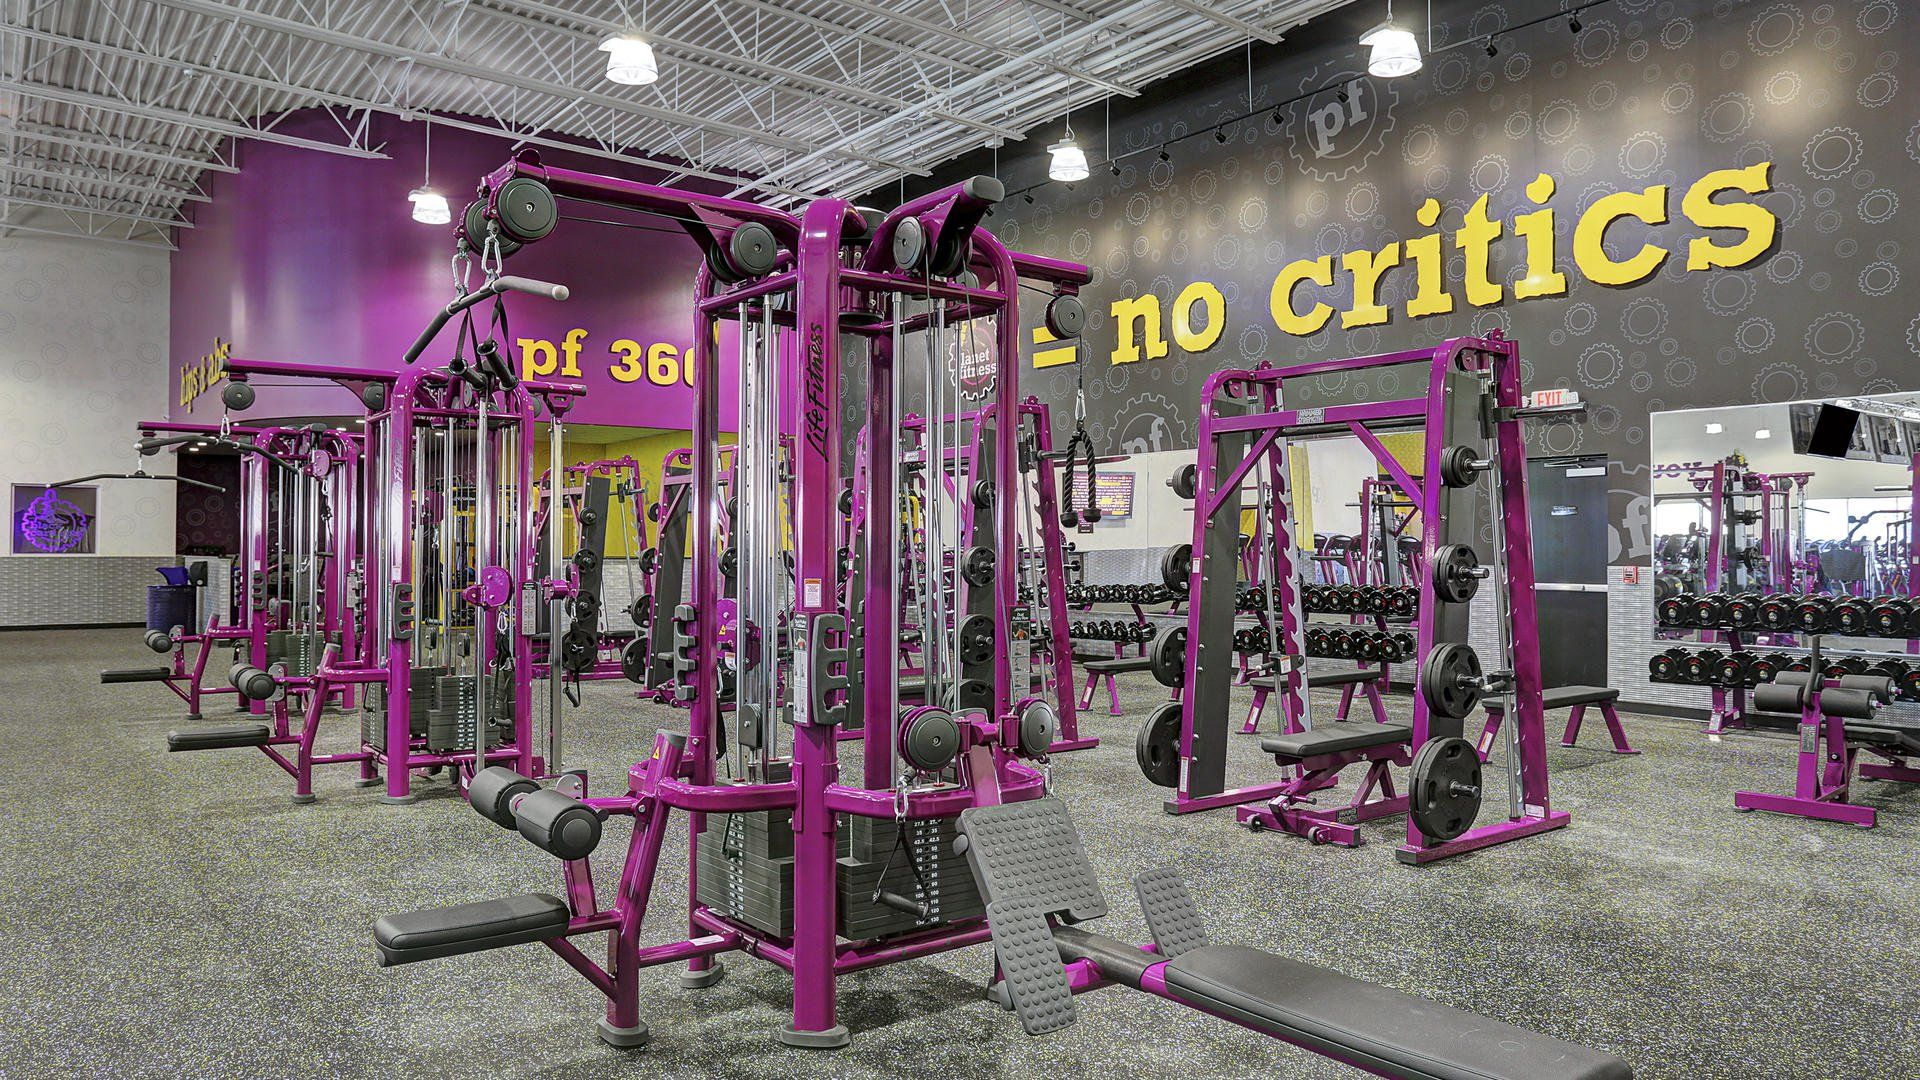 Planet Fitness Planet Fitness Workout Burn Calories Farmington Hills